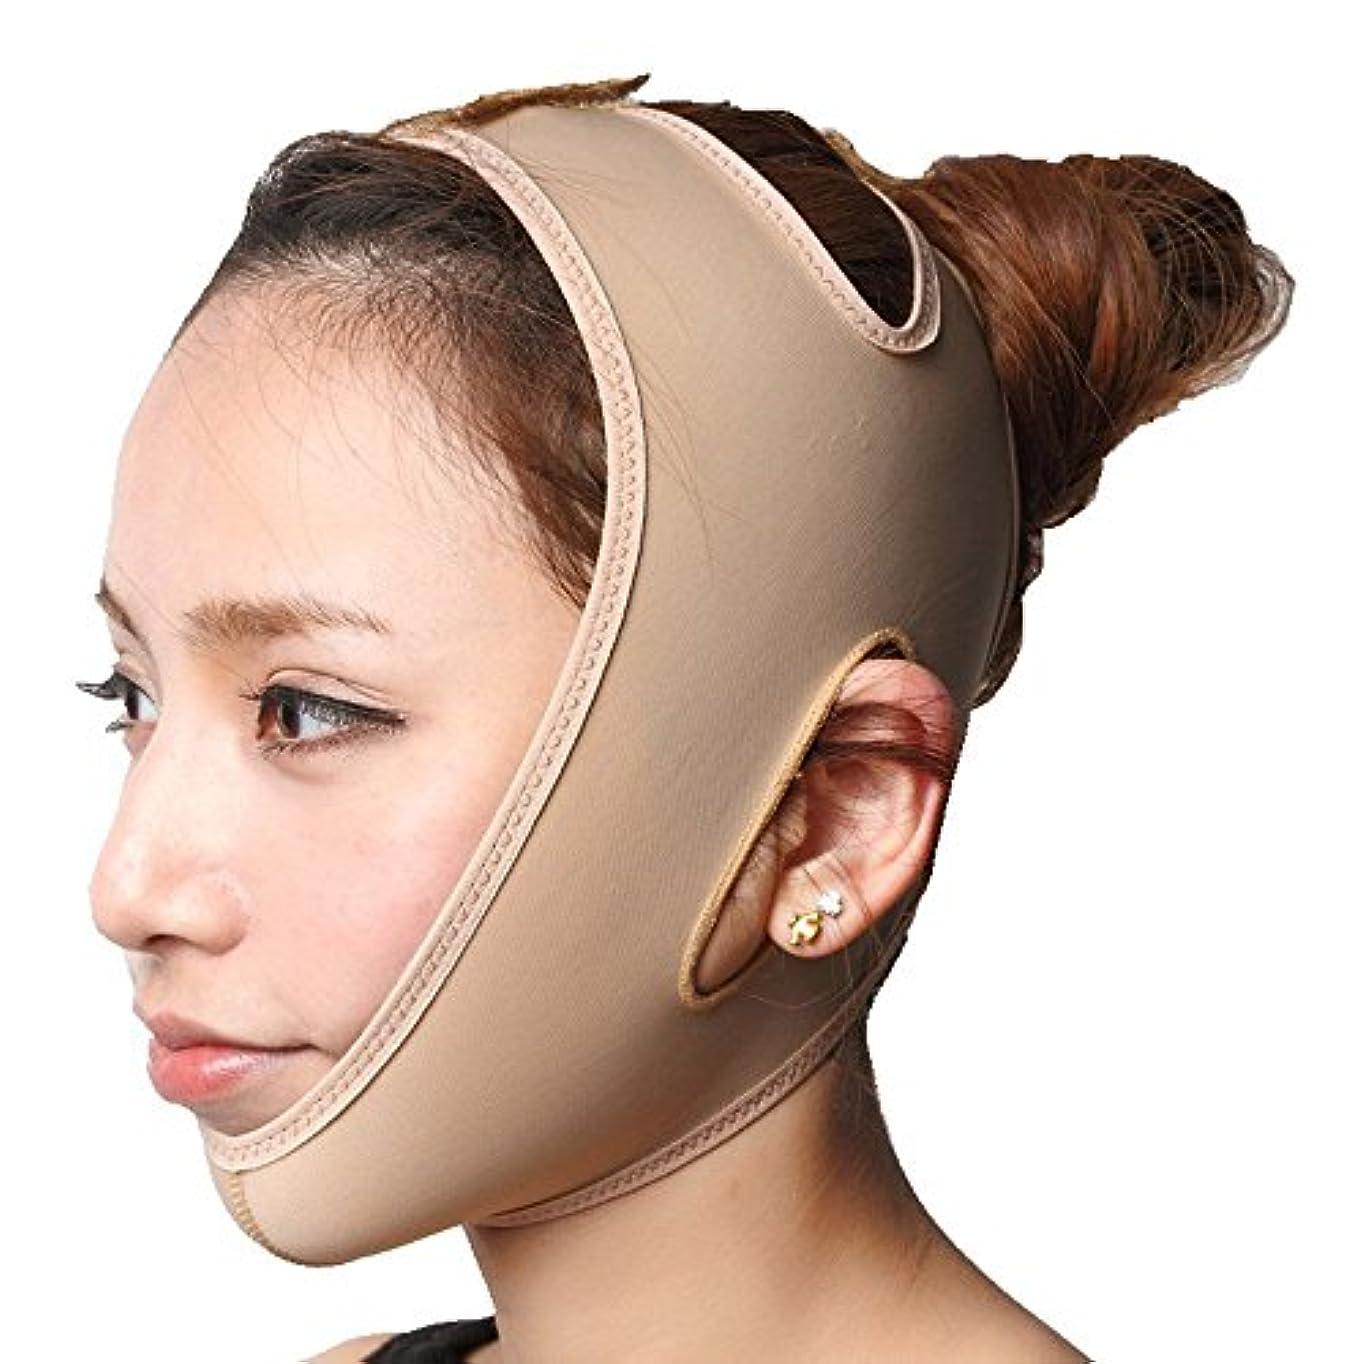 ご予約ご予約エミュレートするMakeupAccフェイスラインベルト M/L/XLサイズ 抗シワ 額、顎下、頬リフトアップ 小顔 美顔 頬のたるみ 引き上げマスク(ベージュ)【並行輸入品】 (XL)